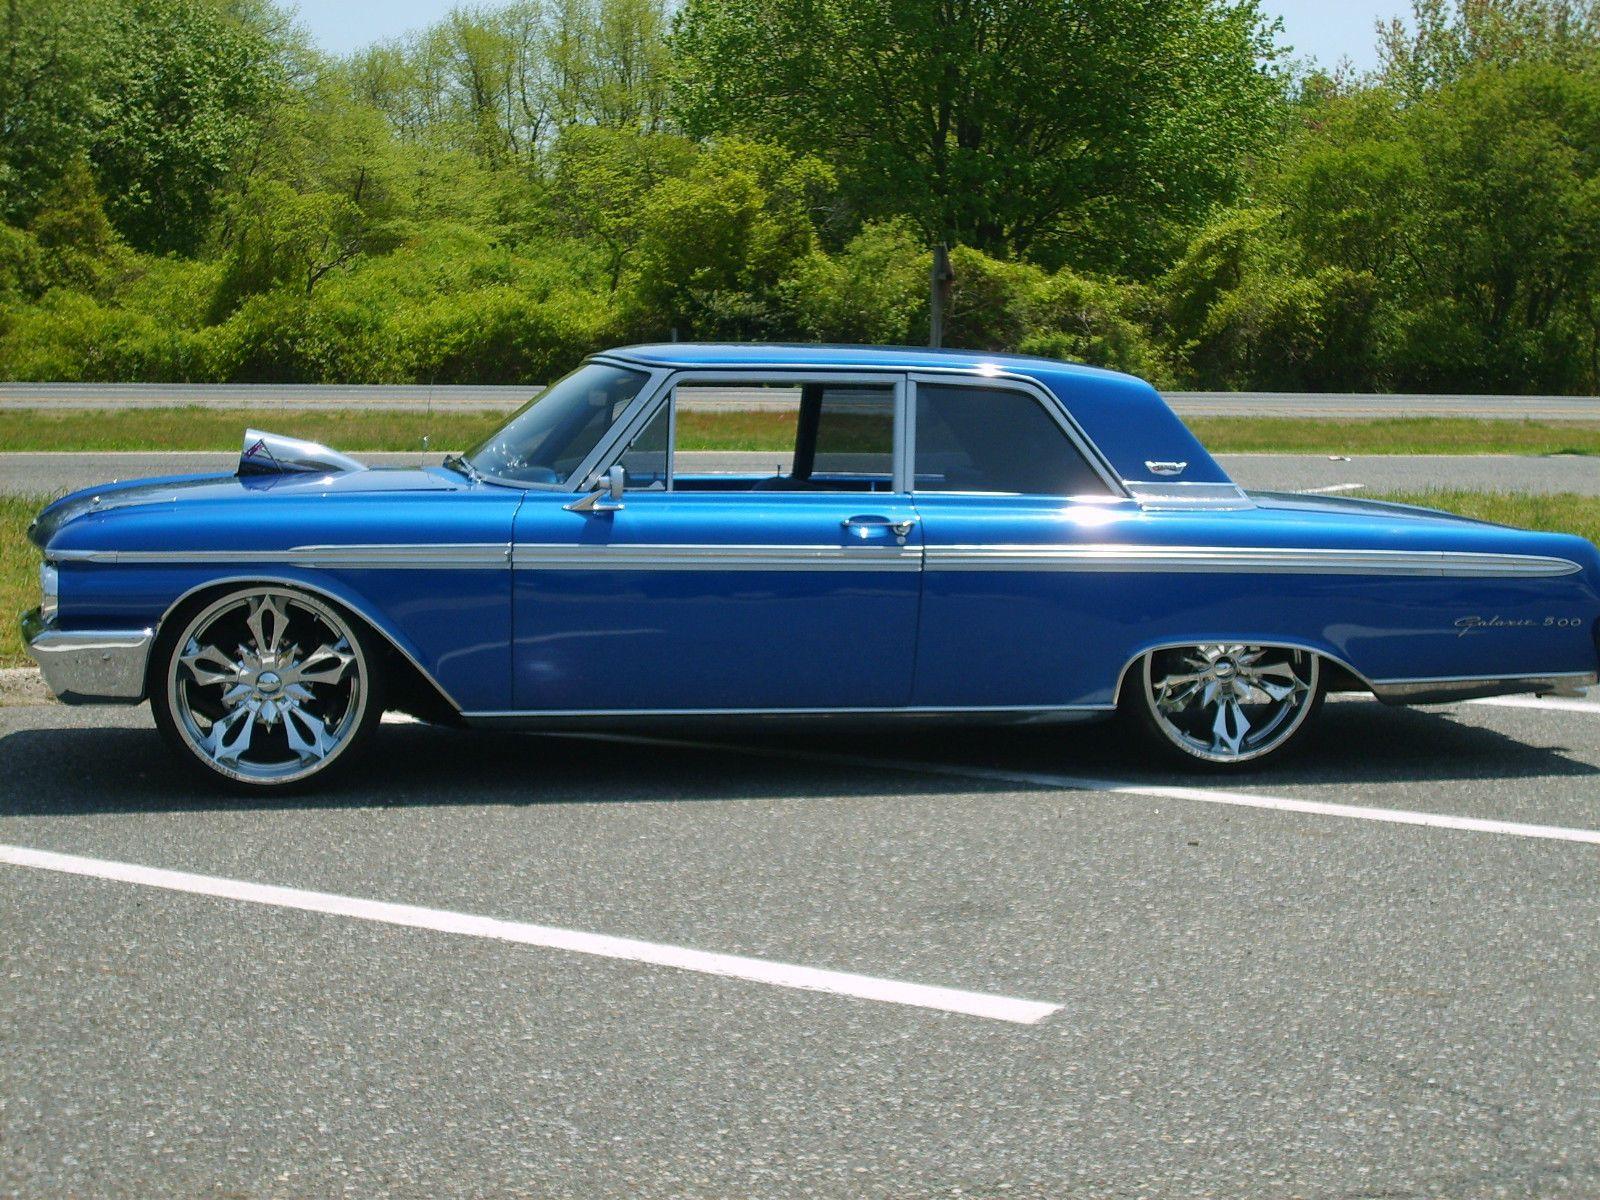 1962 Blue Bagged Ford Galaxie 500 Custom Lowrider